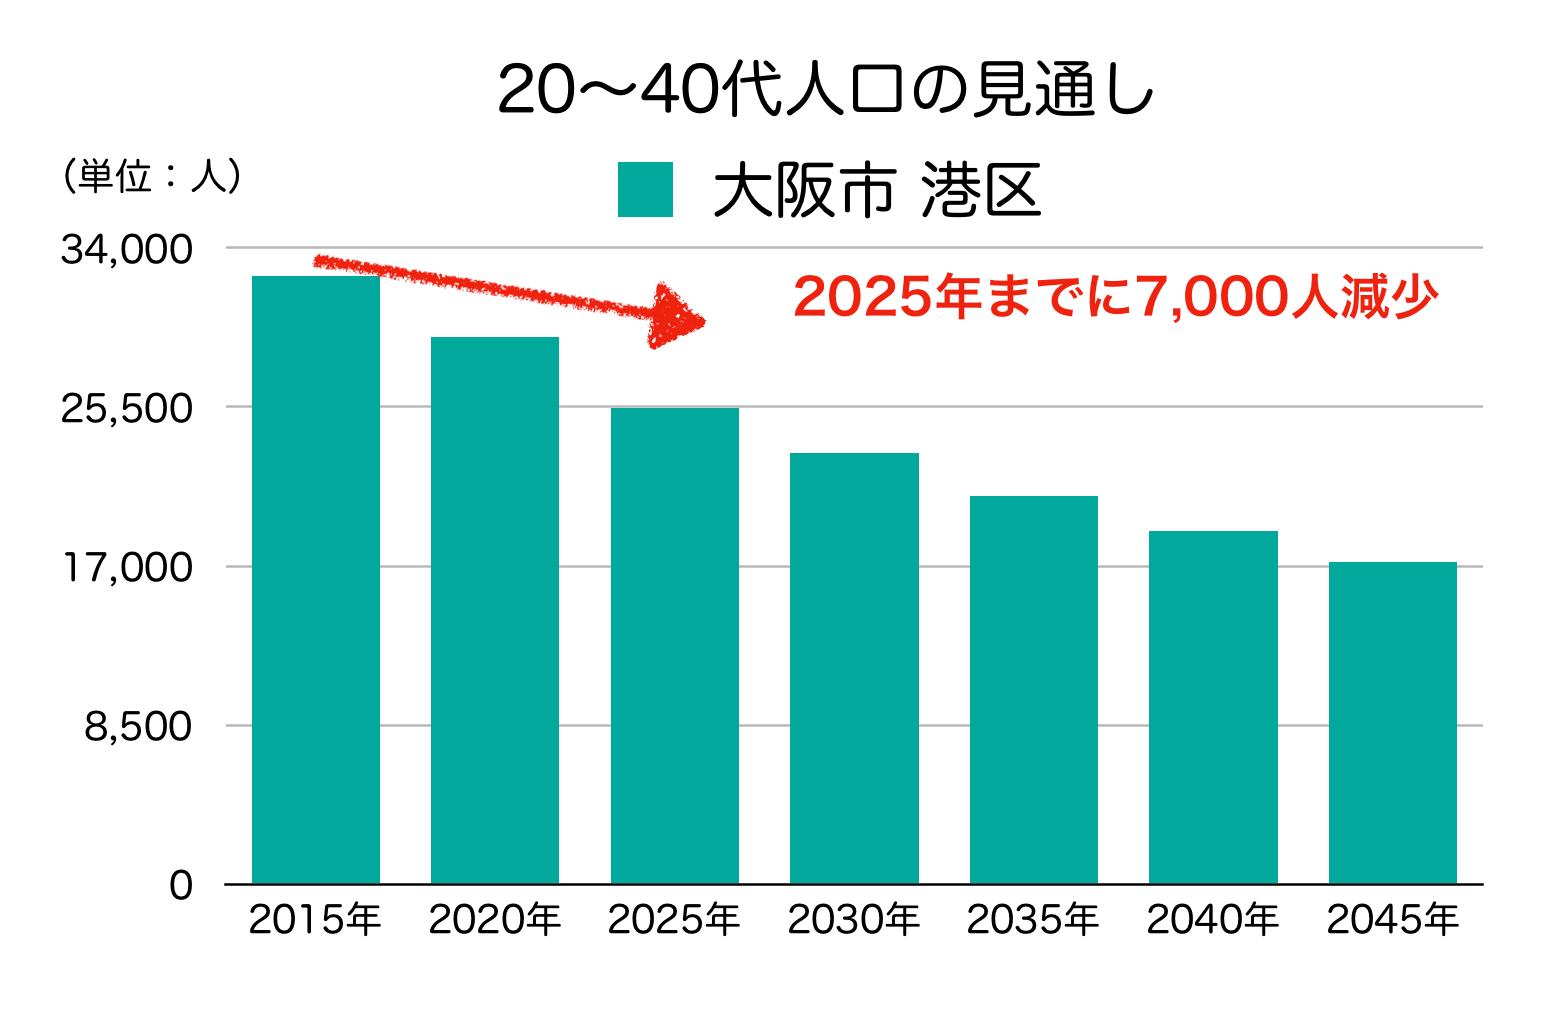 大阪市港区の20〜40代人口の予測